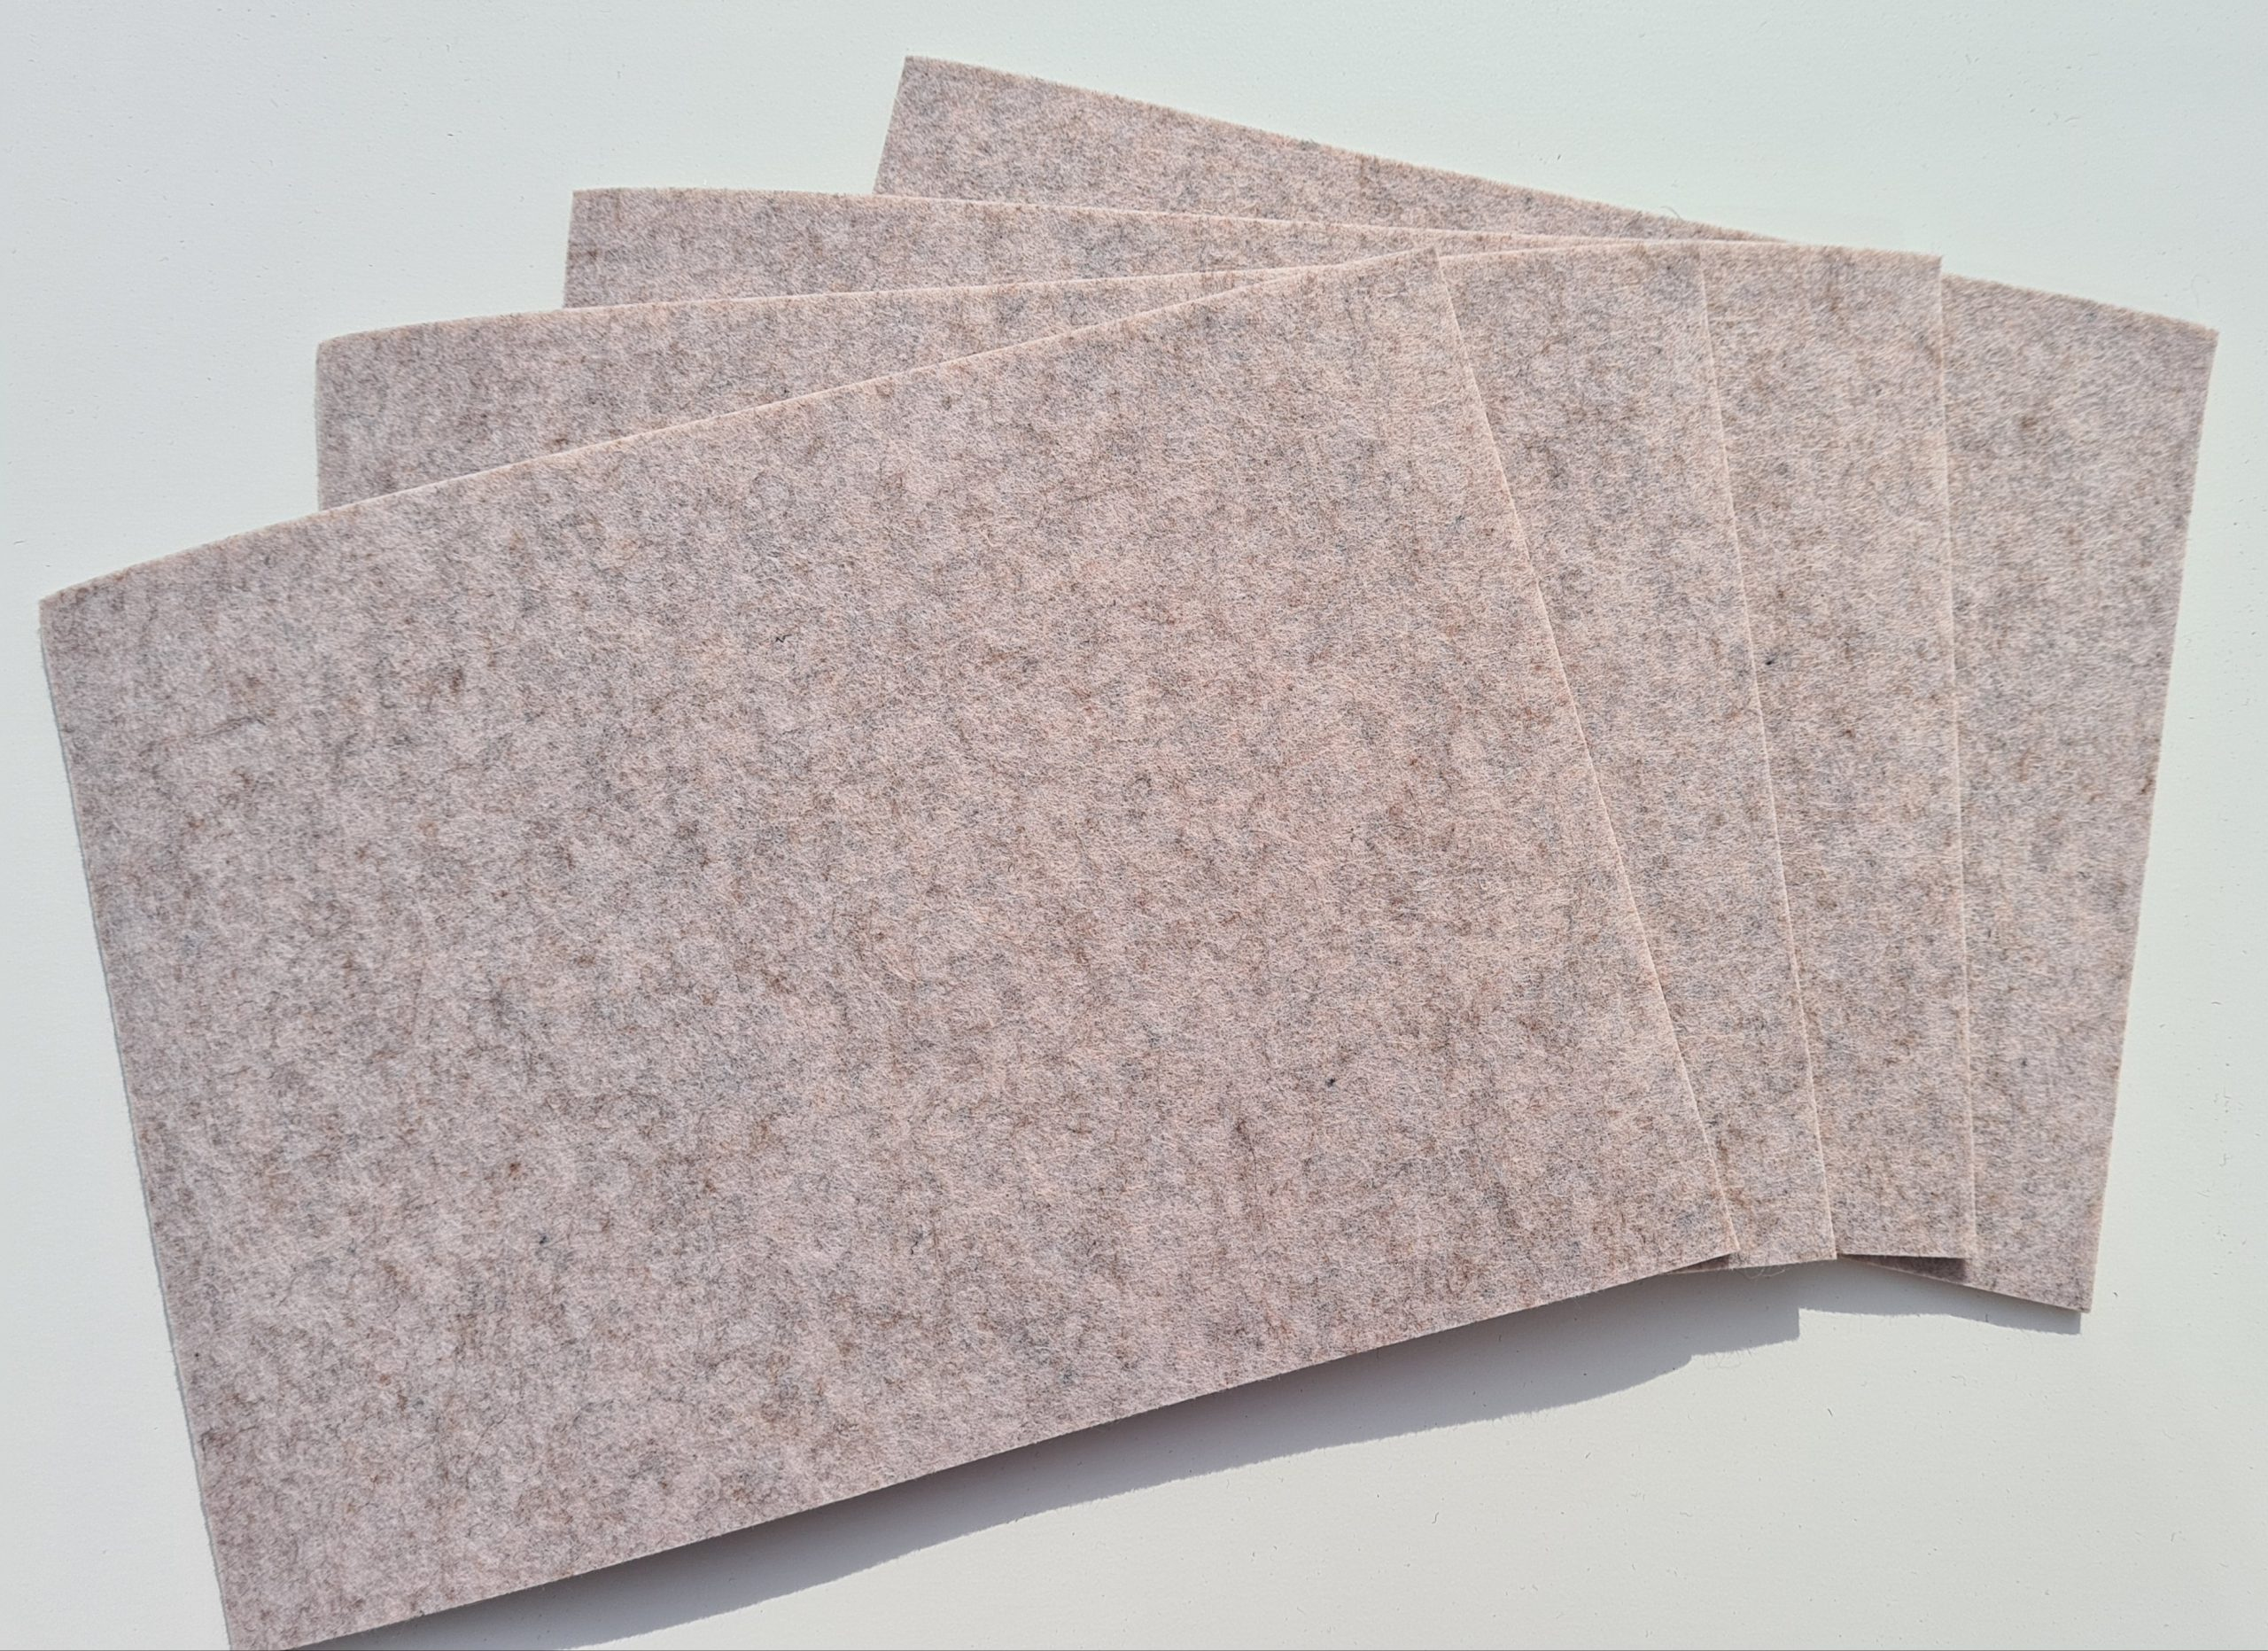 Cremefarbene Filz-Untersetzter quadratisch - Handgemachte individualisierbare Taschen, Körbe, Tischsets, Dekoartikel und mehr auf fideko.de der Onlineshop seit 2011